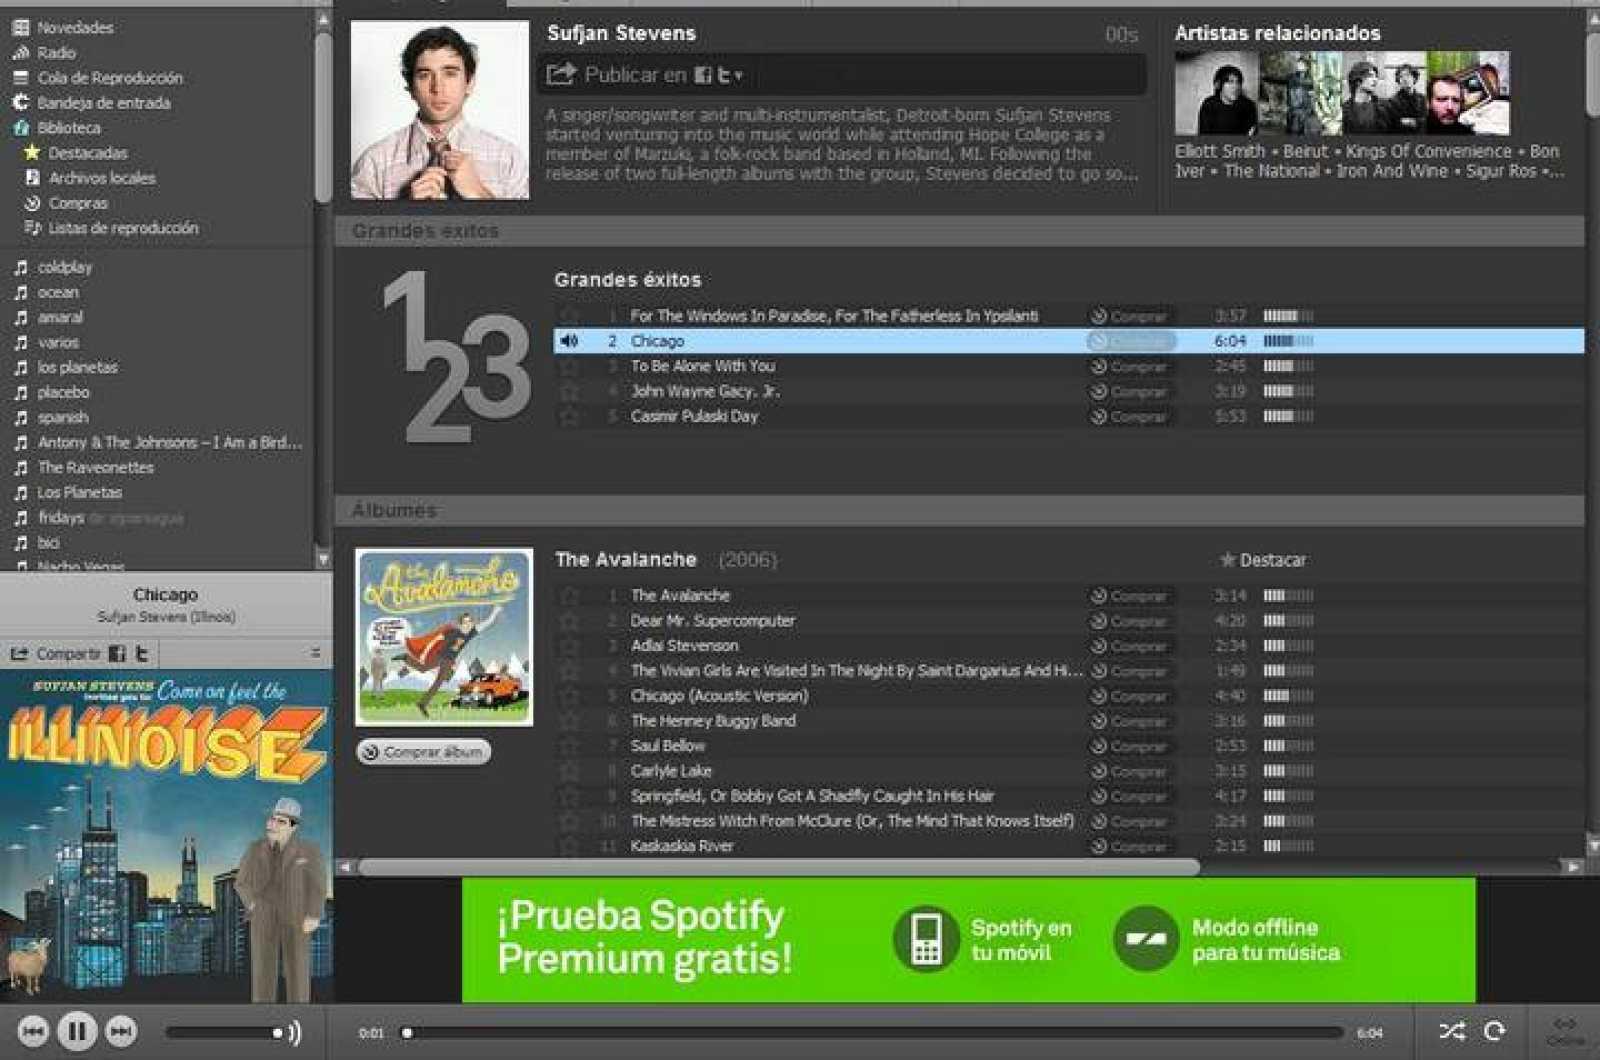 Las compañías de servicios de música por suscripción como Spotify son las que más crecen respecto al primer semestre de 2011